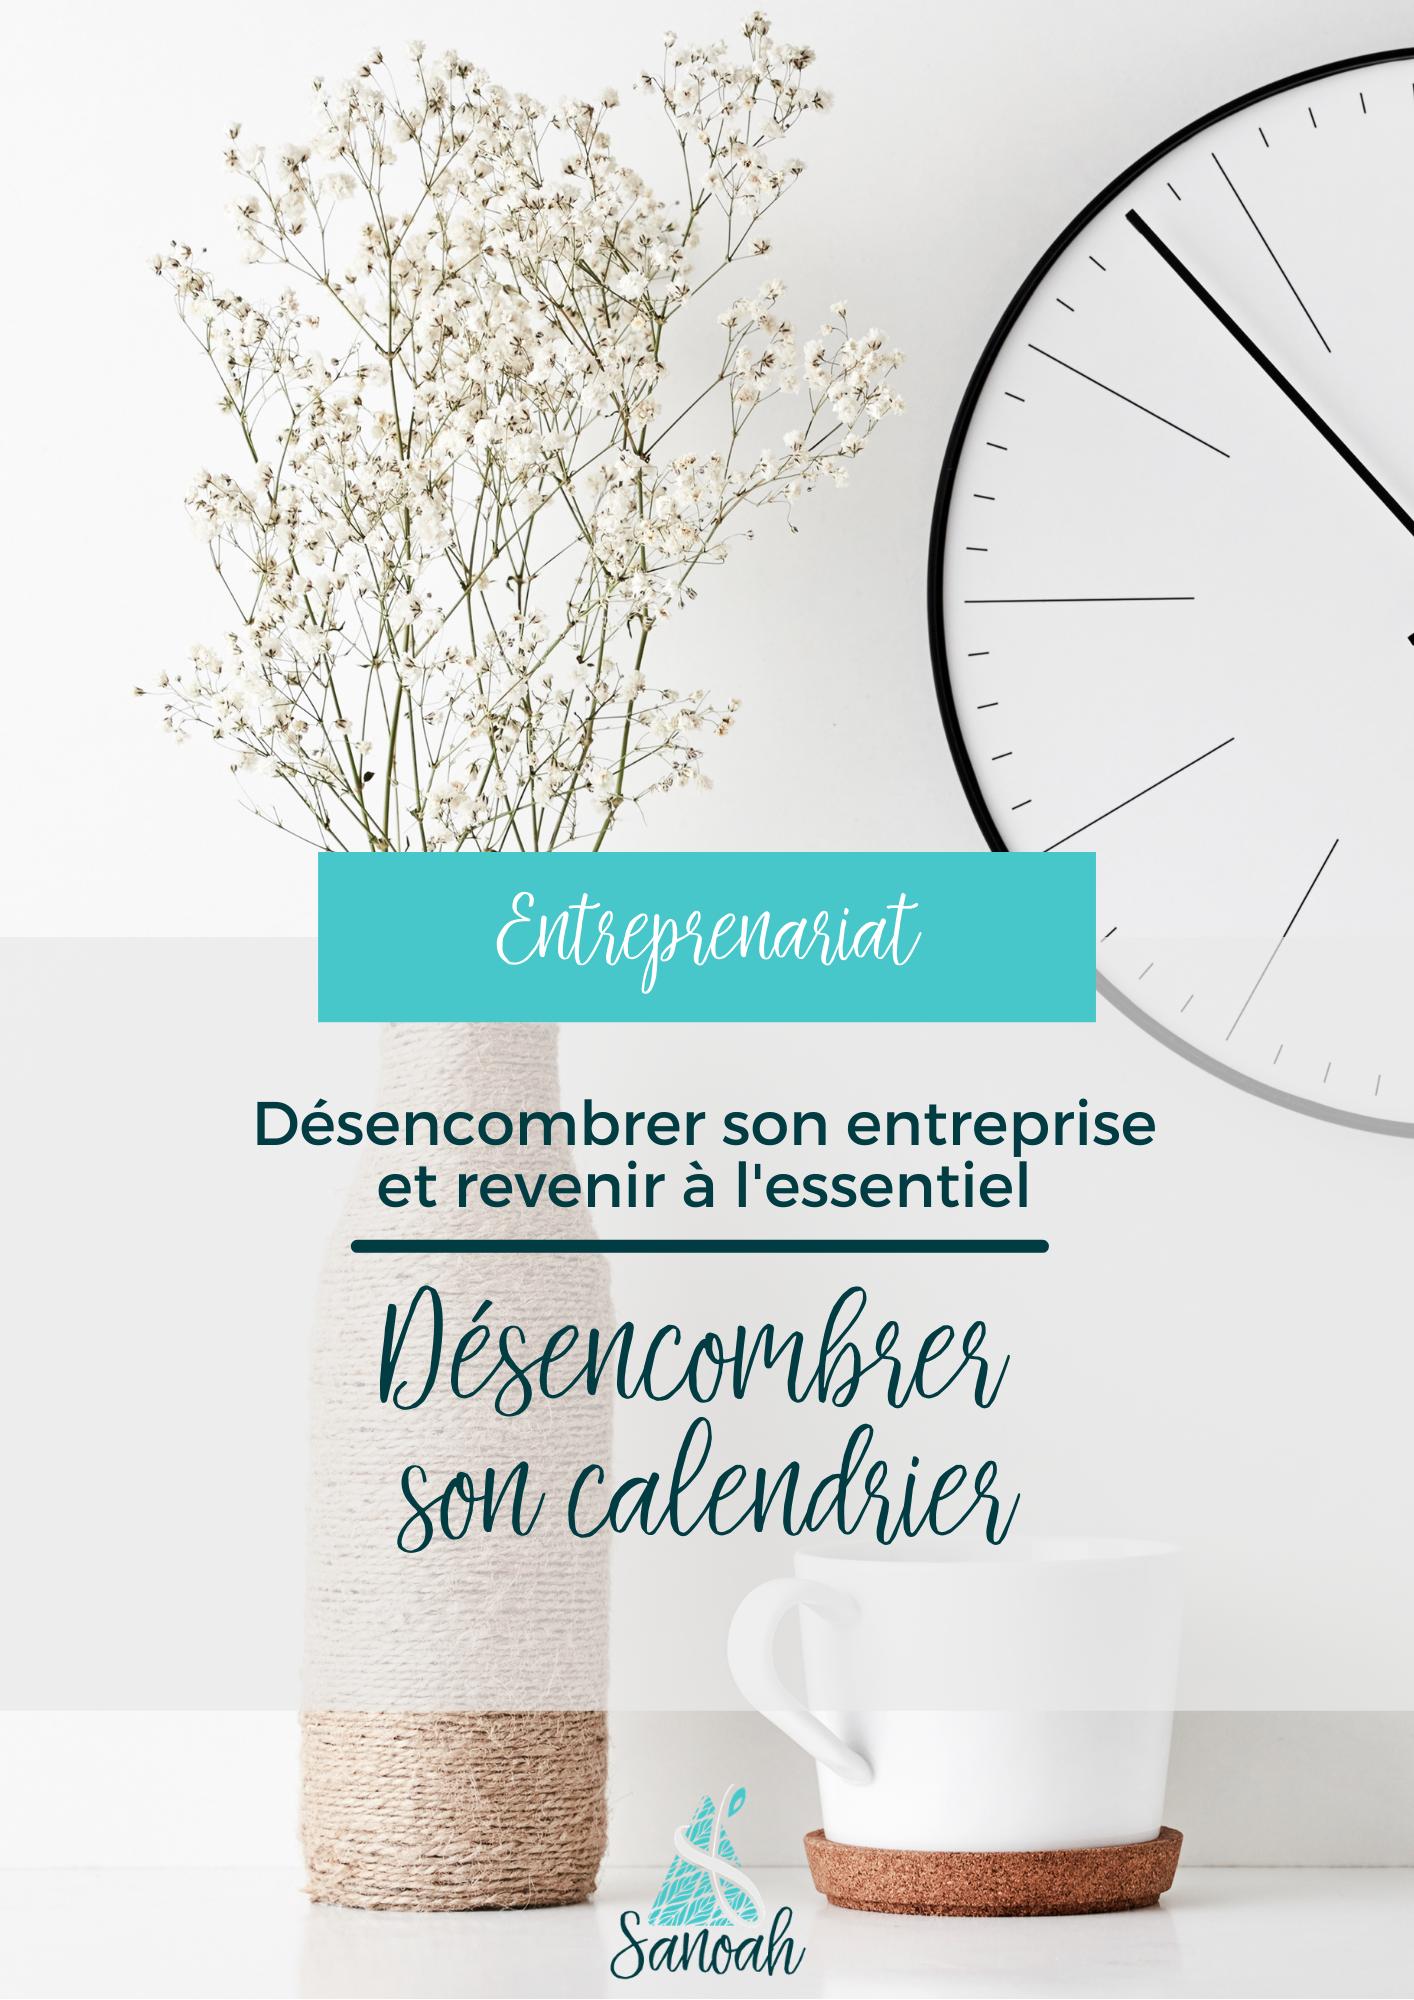 Désencombrer son entreprise et revenir à l'essentiel : désencombrer son calendrier